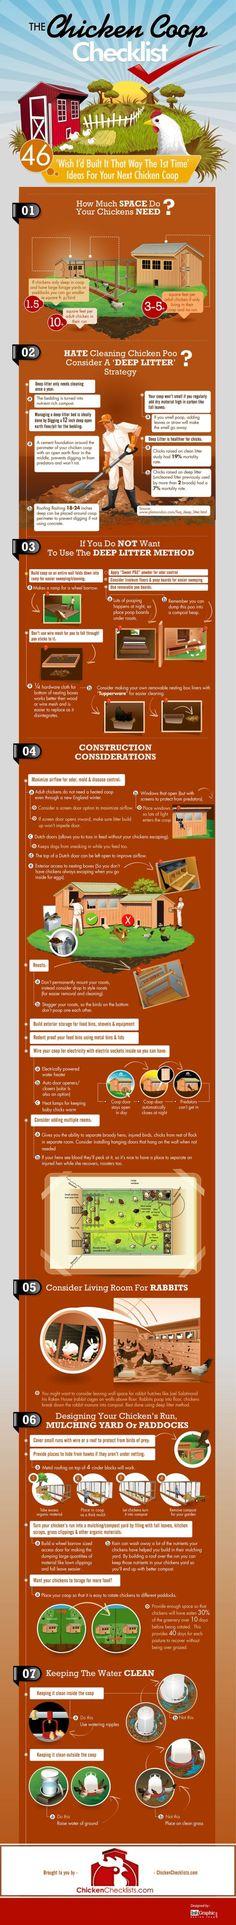 The Chicken Coop Checklist by esperanza I friggen love this ... makes planning a…